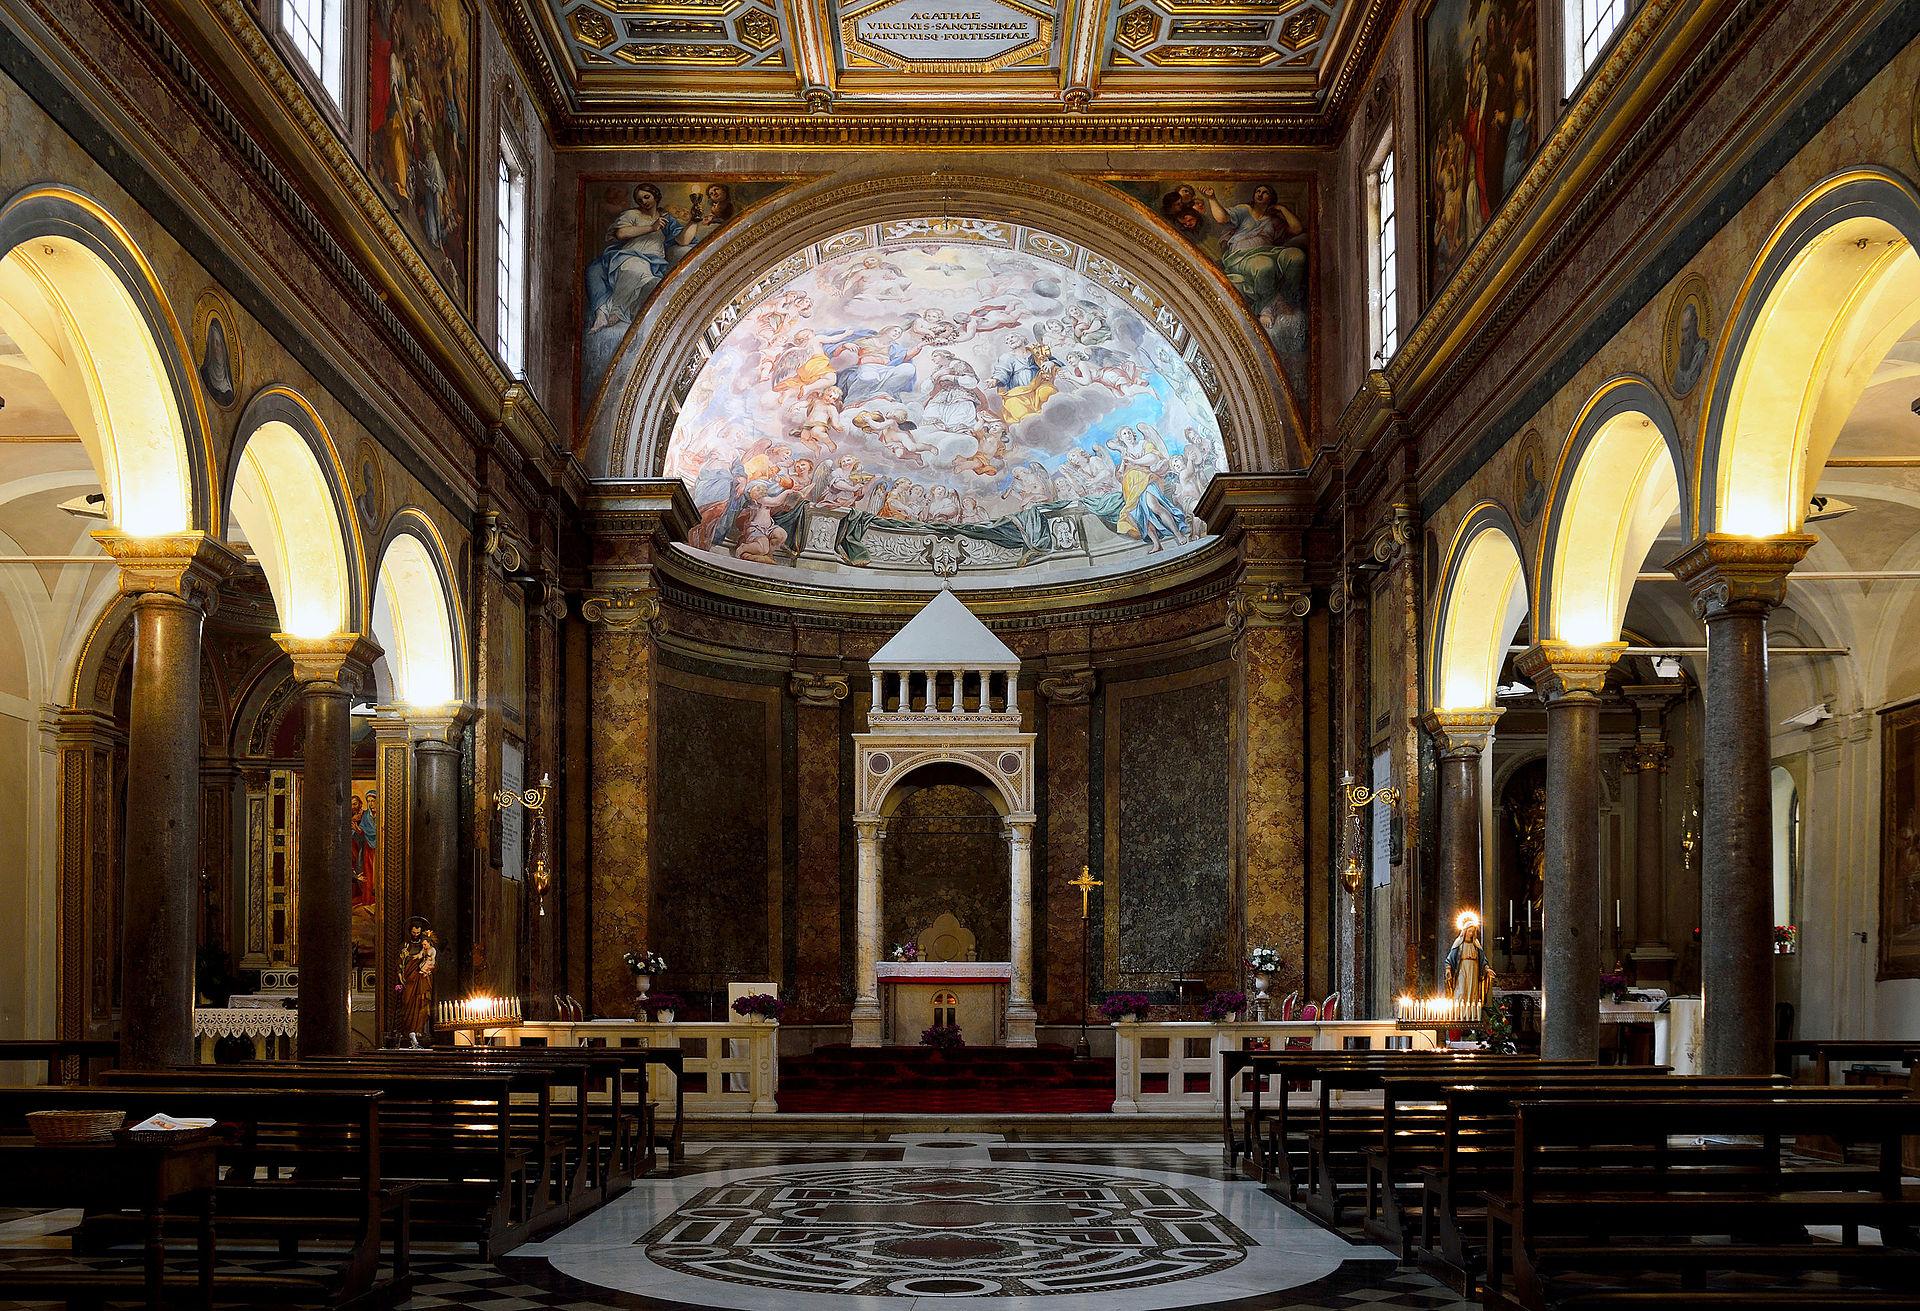 Px Sant Agata Dei Goti Rome Interior